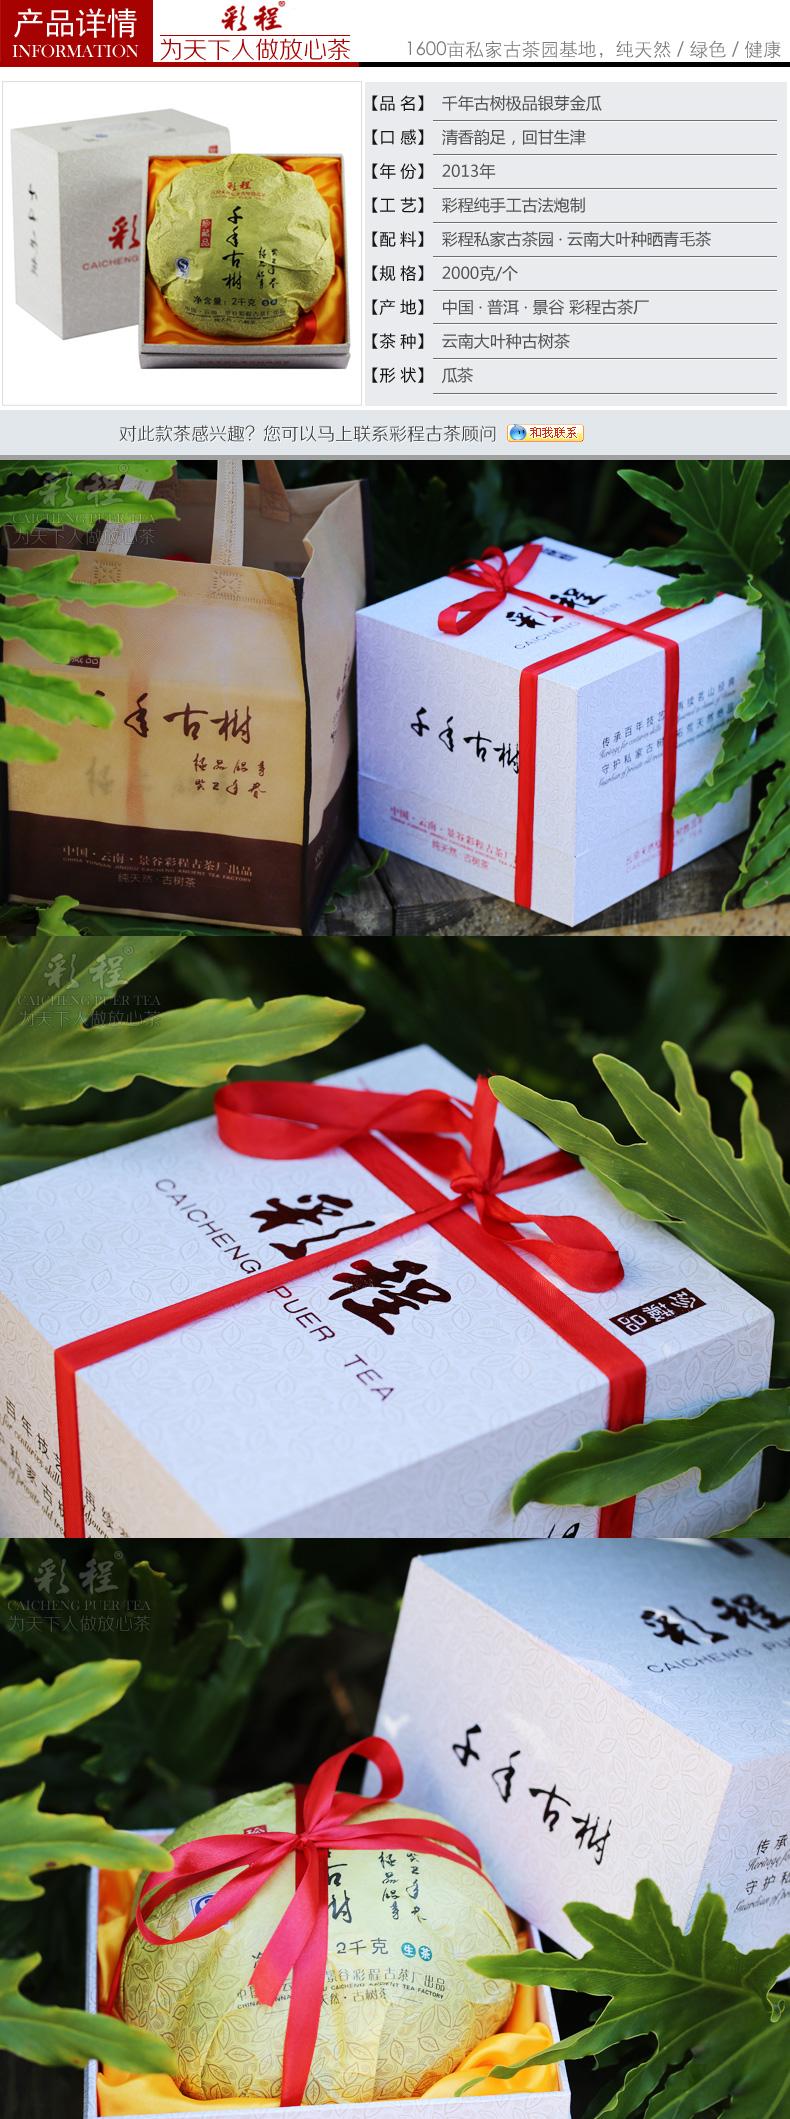 千年古树极品银芽2千克金瓜贡茶 - 阎红卫 - 阎红卫经赢之道策划产业联盟